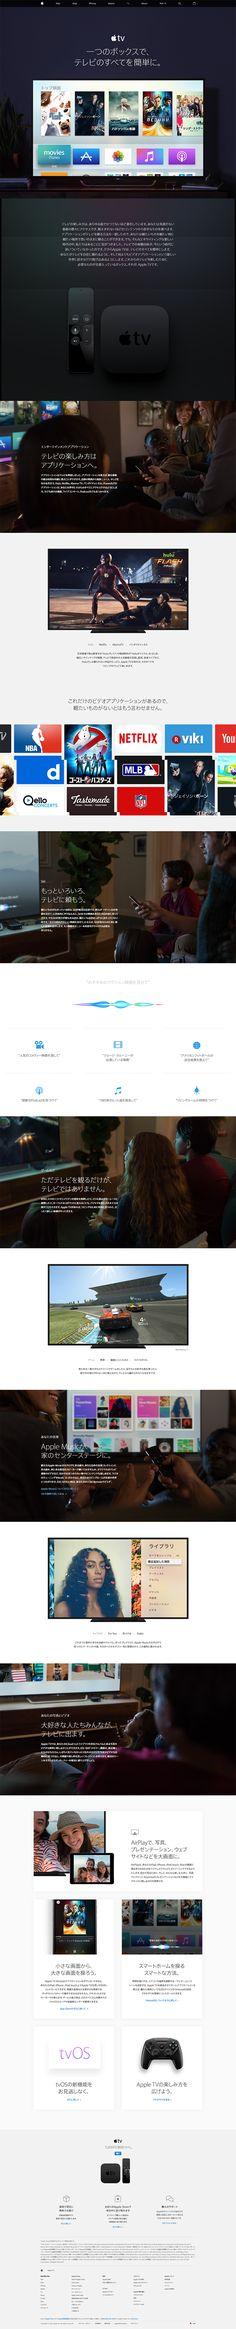 apple TV|WEBデザイナーさん必見!ランディングページのデザイン参考に(シンプル系)